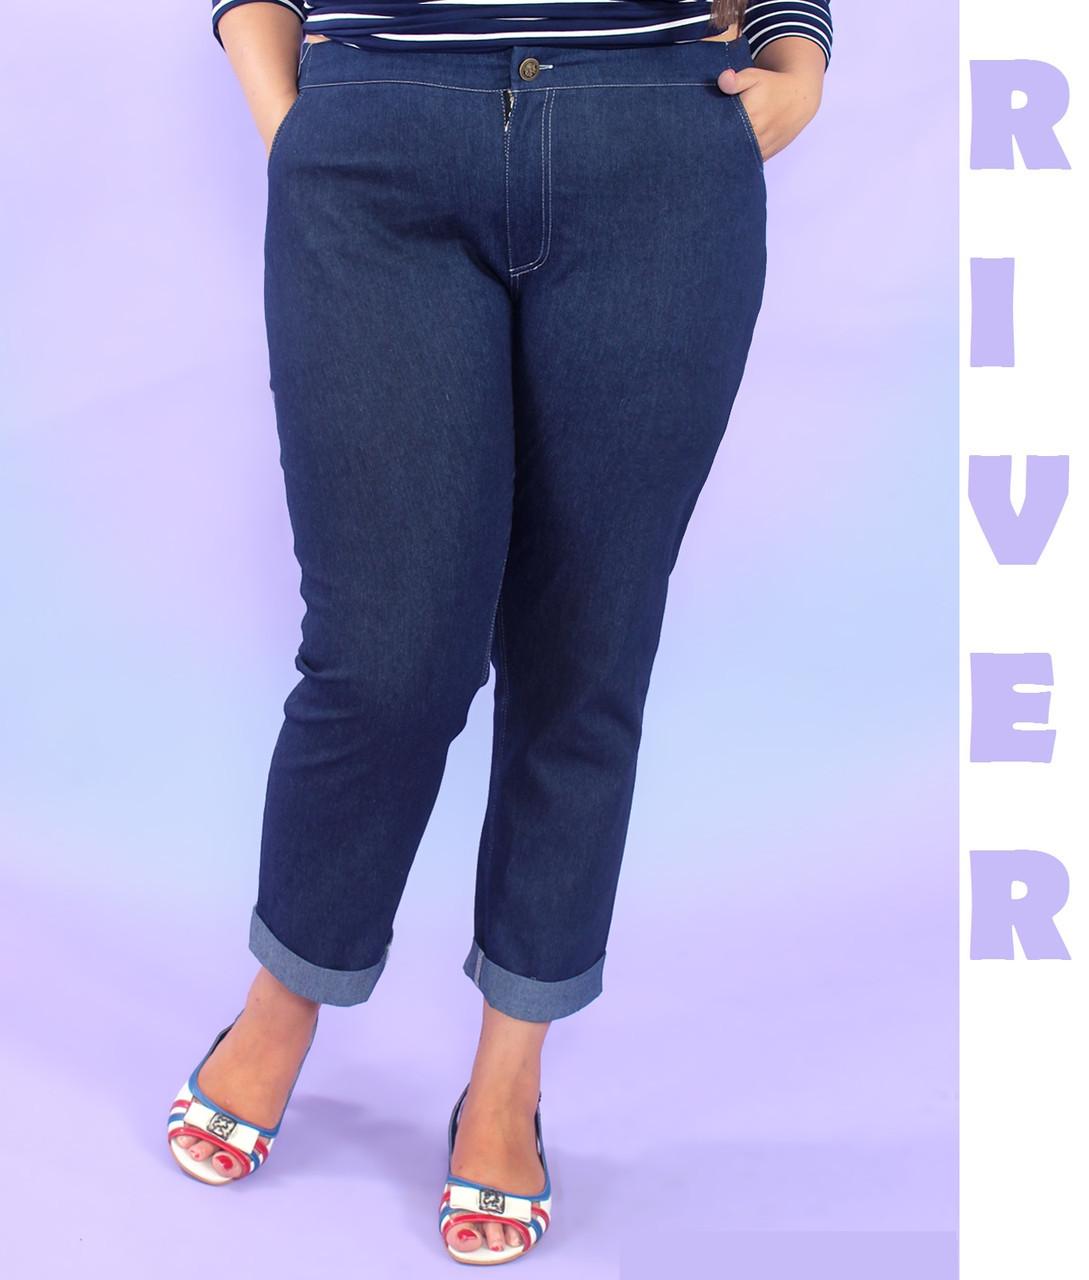 (от 48 до 82 размера) Женские повседневные джинсы в больших размерах с подворотами vN1263